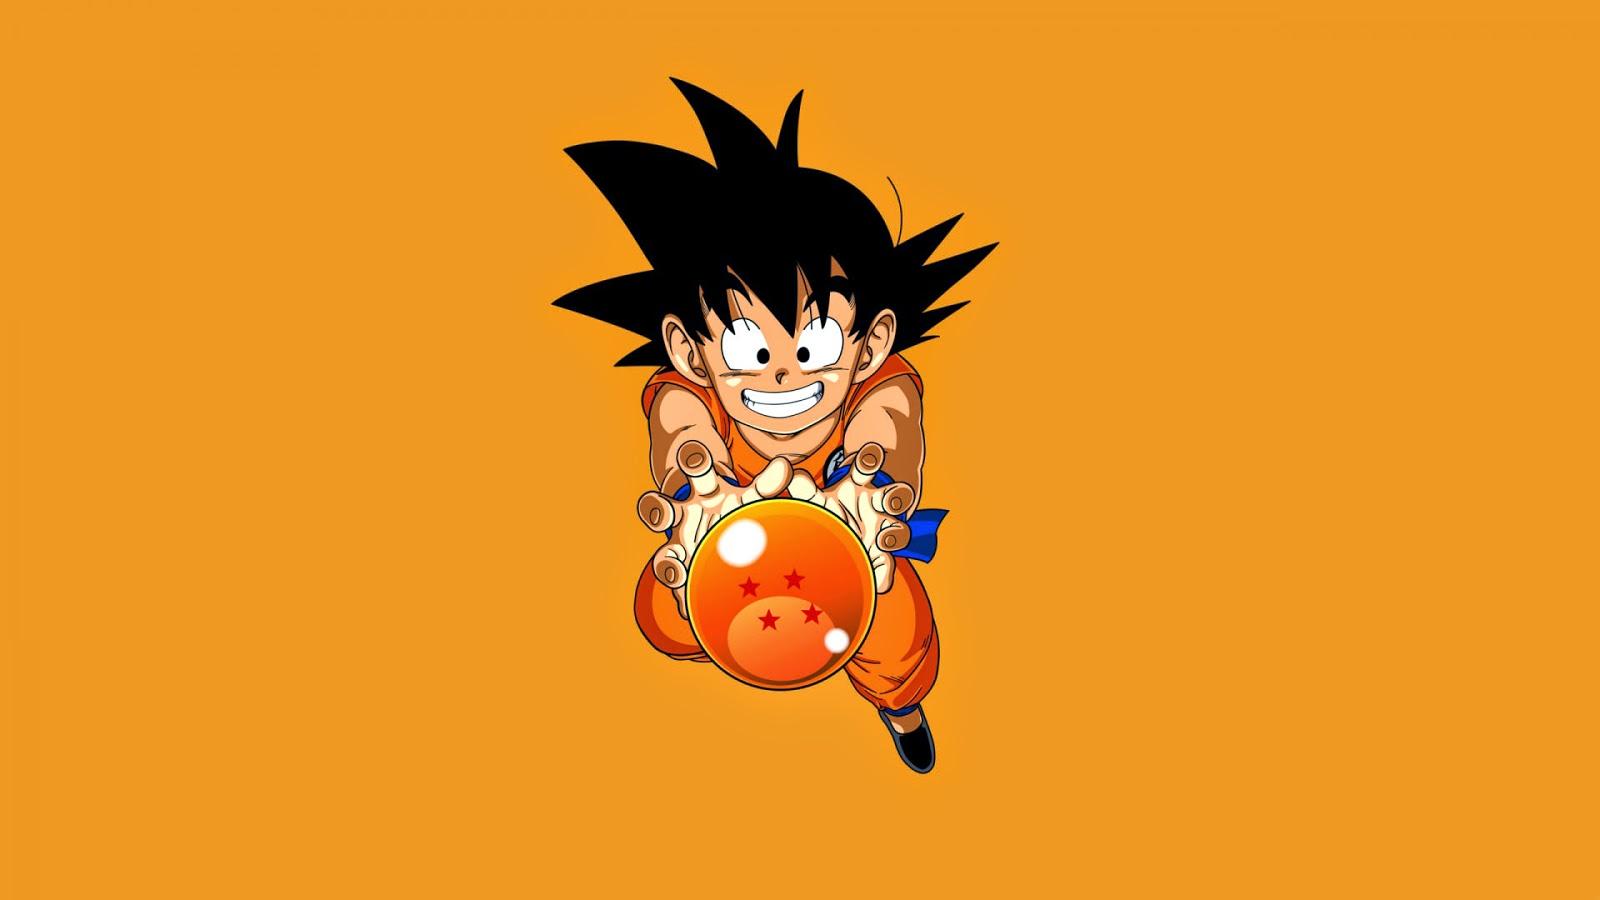 Papel de Parede Goku com Esfera do Dragão para pc 3d hd dbz wallpaper hd free